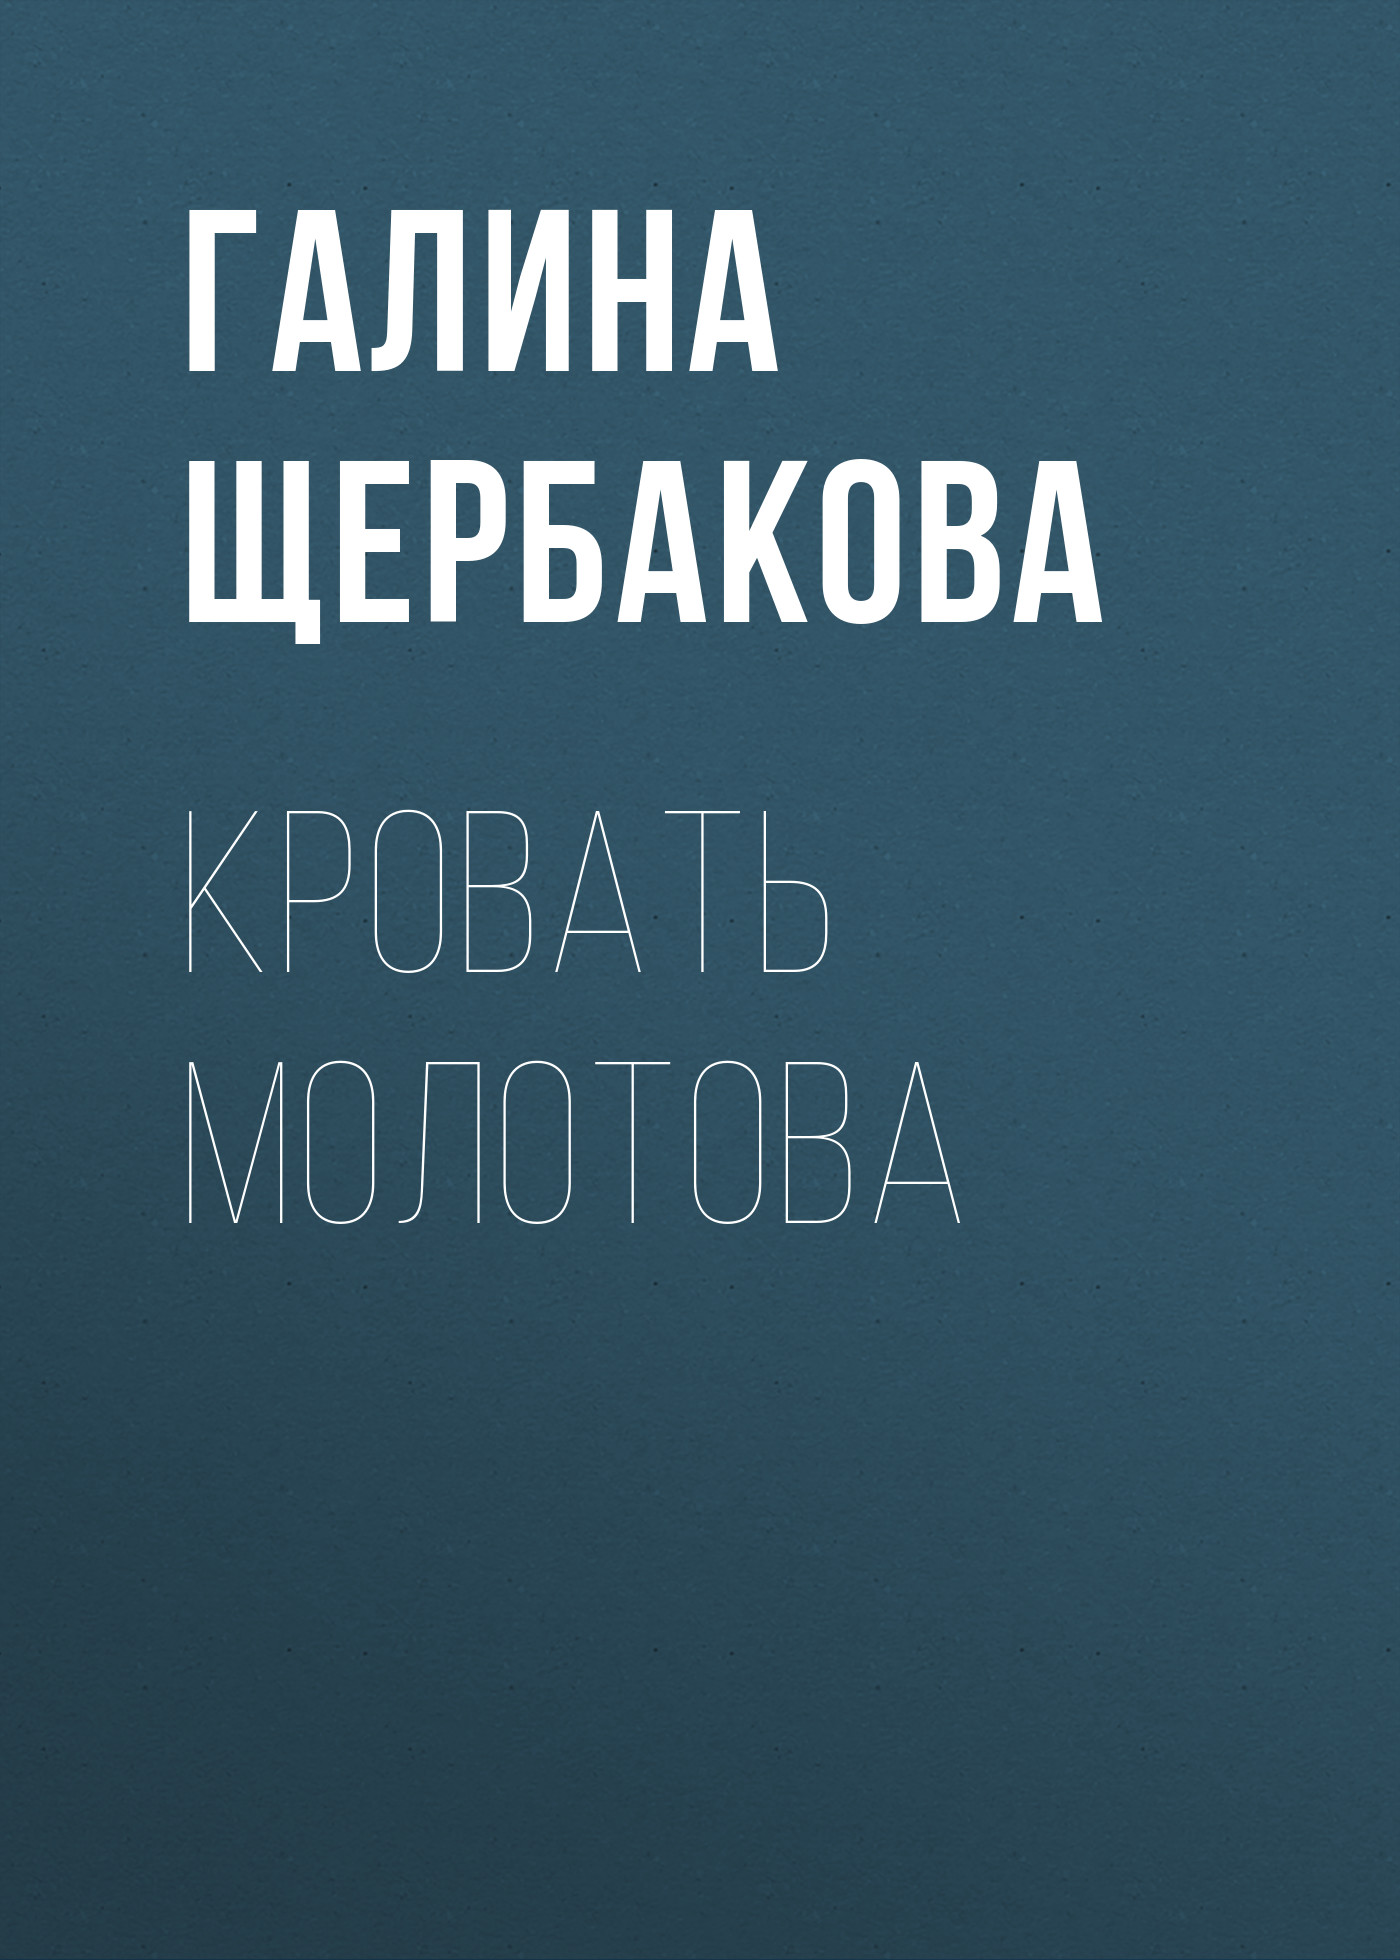 Галина Щербакова Кровать Молотова галина щербакова справа оставался городок